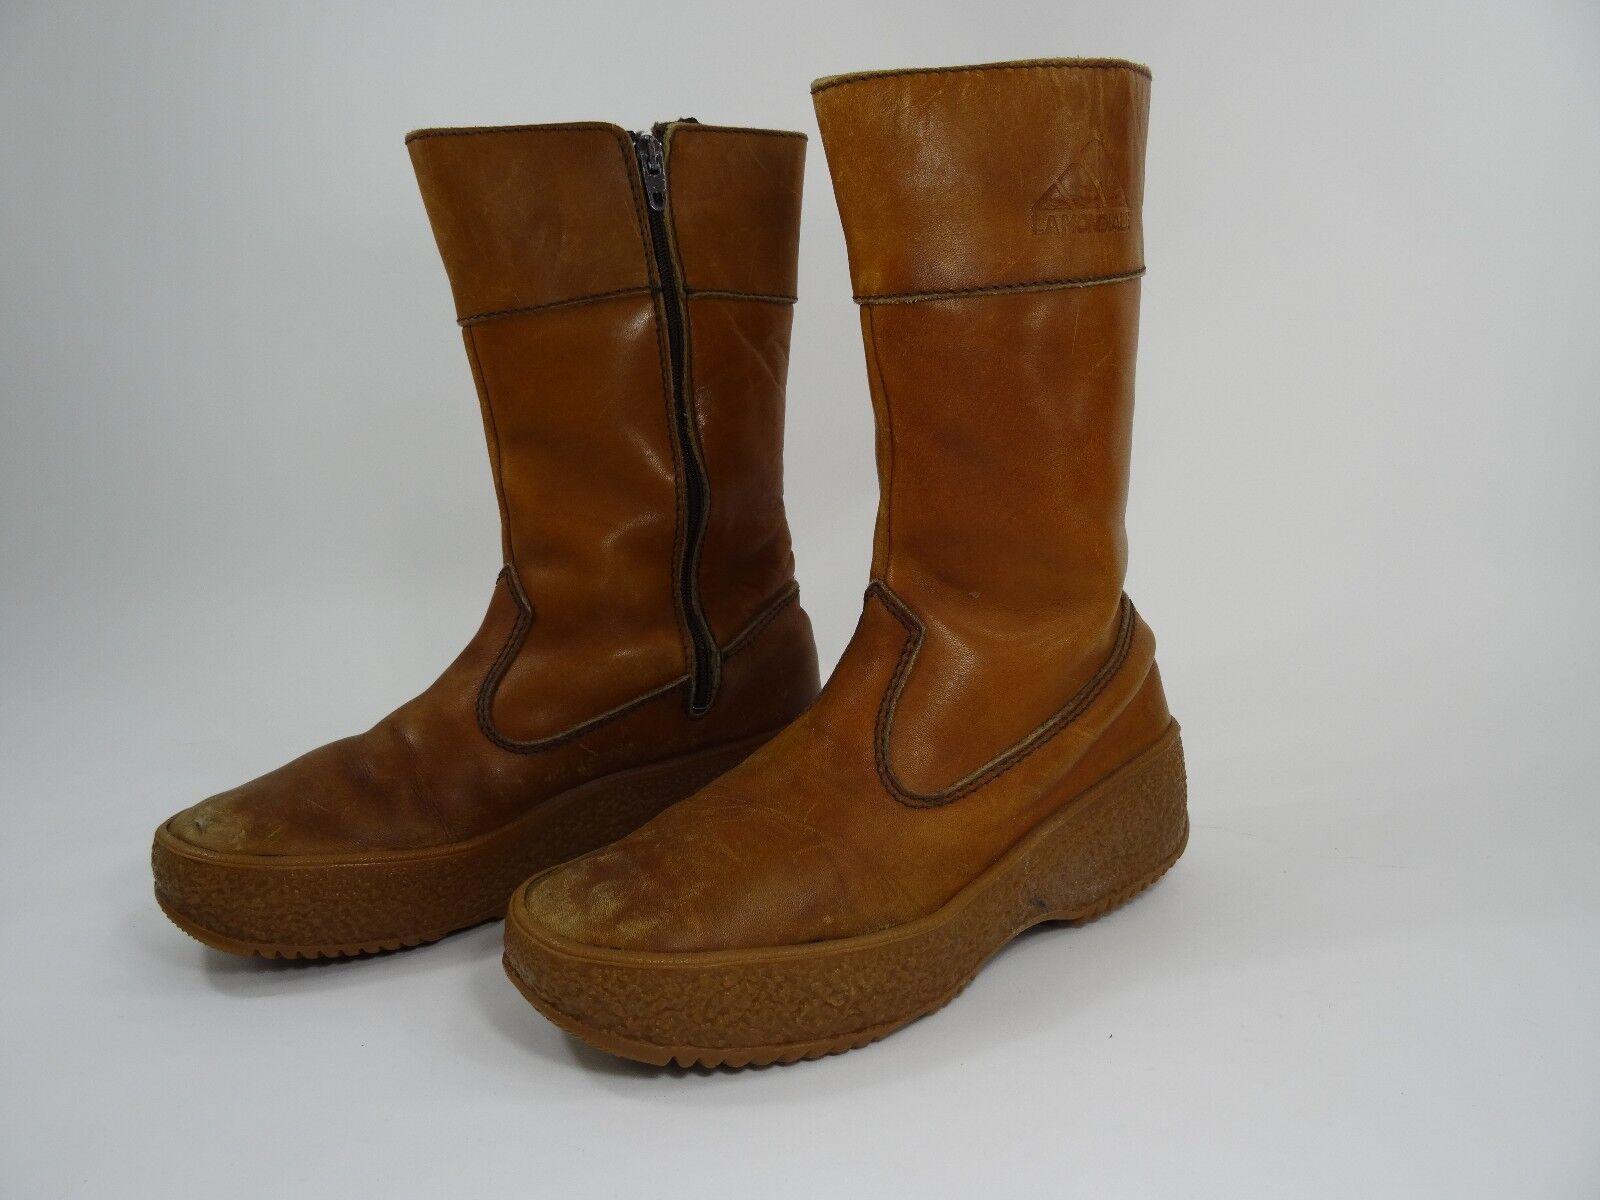 La Mondiale Leather Boots Fur lined Size 10